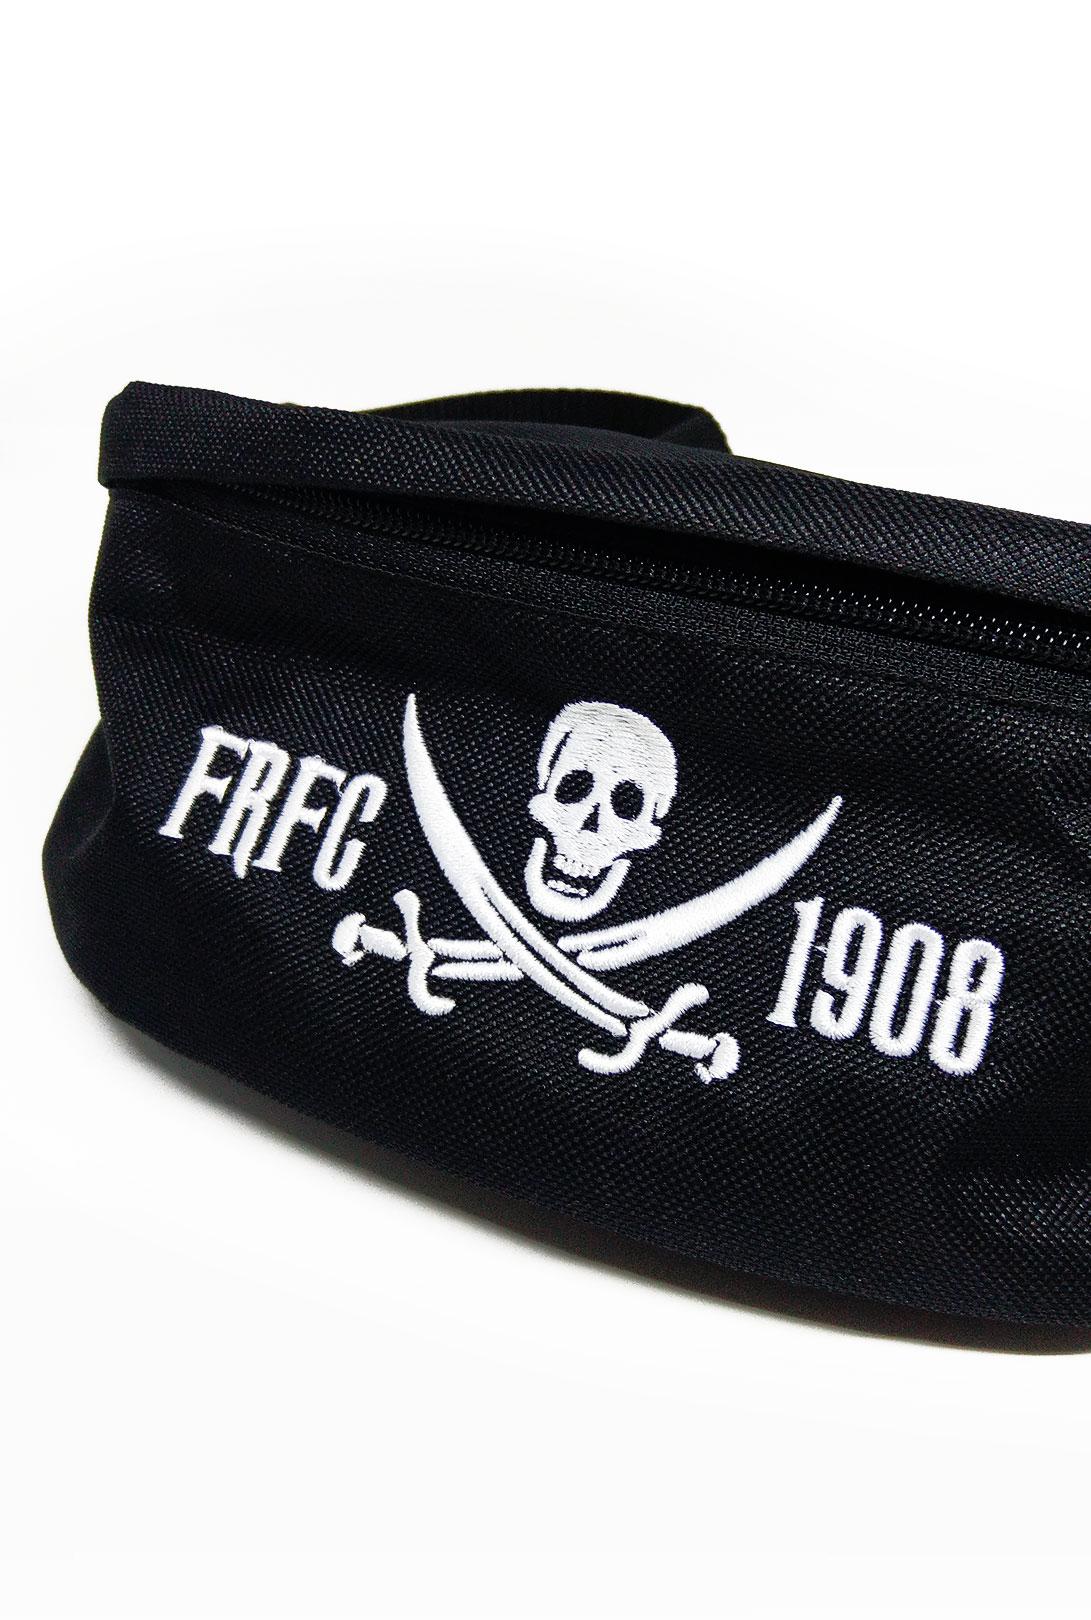 Feyenoord Buideltas - FRFC1908 Pirate (wit)